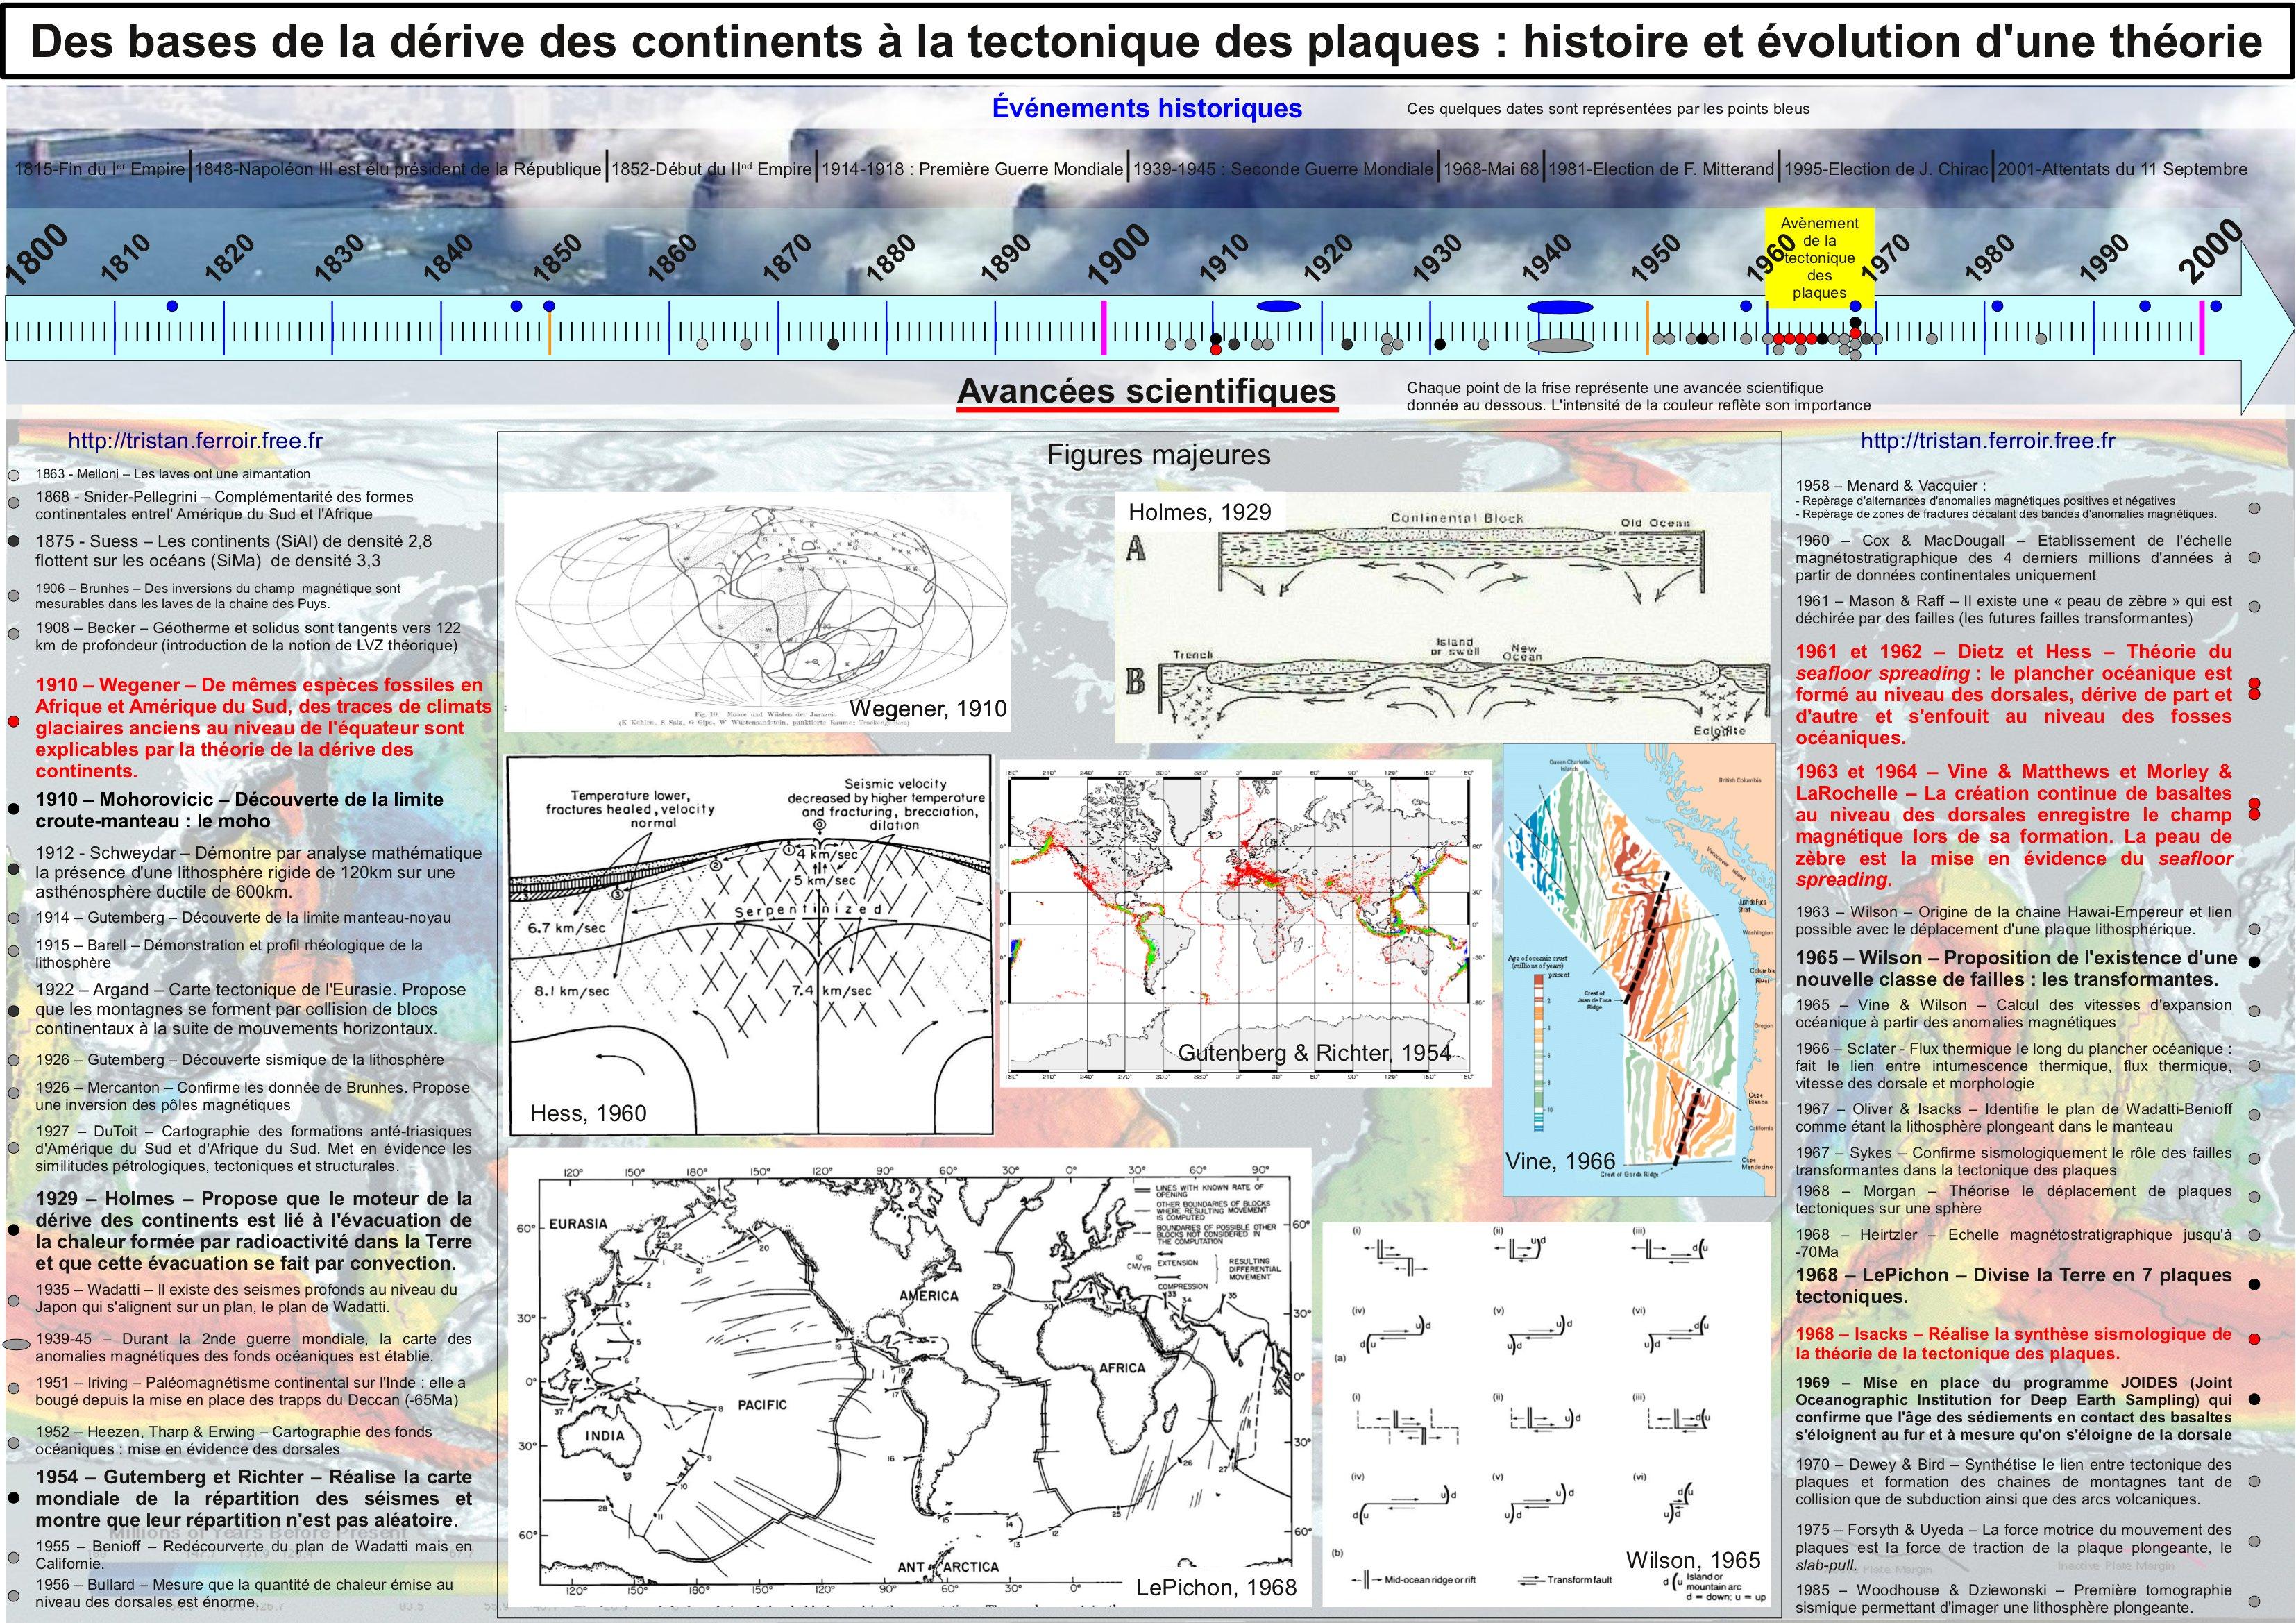 Histoire de la tectonique des plaques - Une frise chronologique - 1863 - Melloni – Les laves ont une aimantation 1868 - Snider-Pellegrini – Complémentarité des formes continentales entrel' Amérique du Sud et l'Afrique 1875 - Suess – Les continents (SiAl) de densité 2,8 flottent sur les océans (SiMa) de densité 3,3 1906 – Brunhes – Des inversions du champ magnétique sont mesurables dans les laves de la chaine des Puys. 1908 – Becker – Géotherme et solidus sont tangents vers 122 km de profondeur (introduction de la notion de LVZ théorique) 1910 – Wegener – De mêmes espèces fossiles en Afrique et Amérique du Sud, des traces de climats glaciaires anciens au niveau de l'équateur sont explicables par la théorie de la dérive des continents. 1910 – Mohorovicic – Découverte de la limite croute-manteau : le moho 1912 - Schweydar – Démontre par analyse mathématique la présence d'une lithosphère rigide de 120km sur une asthénosphère ductile de 600km. 1914 – Gutemberg – Découverte de la limite manteau-noyau 1915 – Barell – Démonstration et profil rhéologique de la lithosphère 1922 – Argand – Carte tectonique de l'Eurasie. Propose que les montagnes se forment par collision de blocs continentaux à la suite de mouvements horizontaux. 1926 – Gutemberg – Découverte sismique de la lithosphère 1926 – Mercanton – Confirme les donnée de Brunhes. Propose une inversion des pôles magnétiques 1927 – DuToit – Cartographie des formations anté-triasiques d'Amérique du Sud et d'Afrique du Sud. Met en évidence les similitudes pétrologiques, tectoniques et structurales. 1929 – Holmes – Propose que le moteur de la dérive des continents est lié à l'évacuation de la chaleur formée par radioactivité dans la Terre et que cette évacuation se fait par convection. 1935 – Wadatti – Il existe des seismes profonds au niveau du Japon qui s'alignent sur un plan, le plan de Wadatti. 1951 – Iriving – Paléomagnétisme continental sur l'Inde : elle a bougé depuis la mise en place des trapps du Deccan (-65Ma) 1952 –